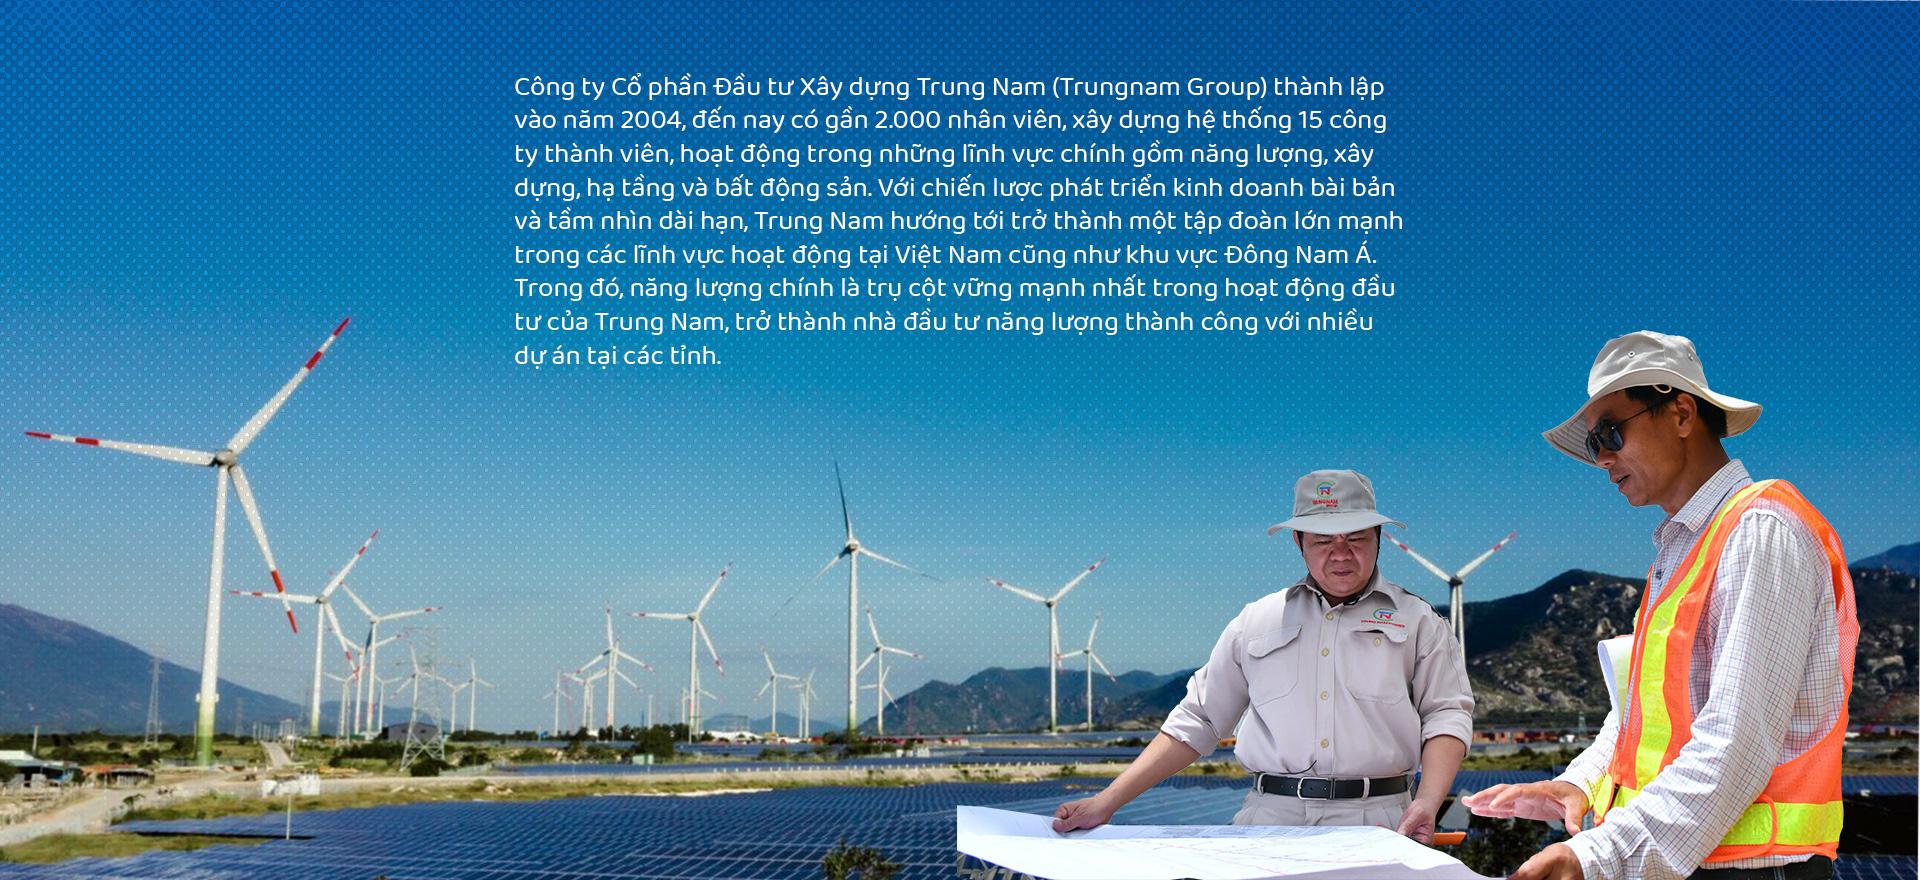 Tổng giám đốc Trung Nam: Ra biển lớn phải biết cách lèo lái con thuyền! - Ảnh 6.